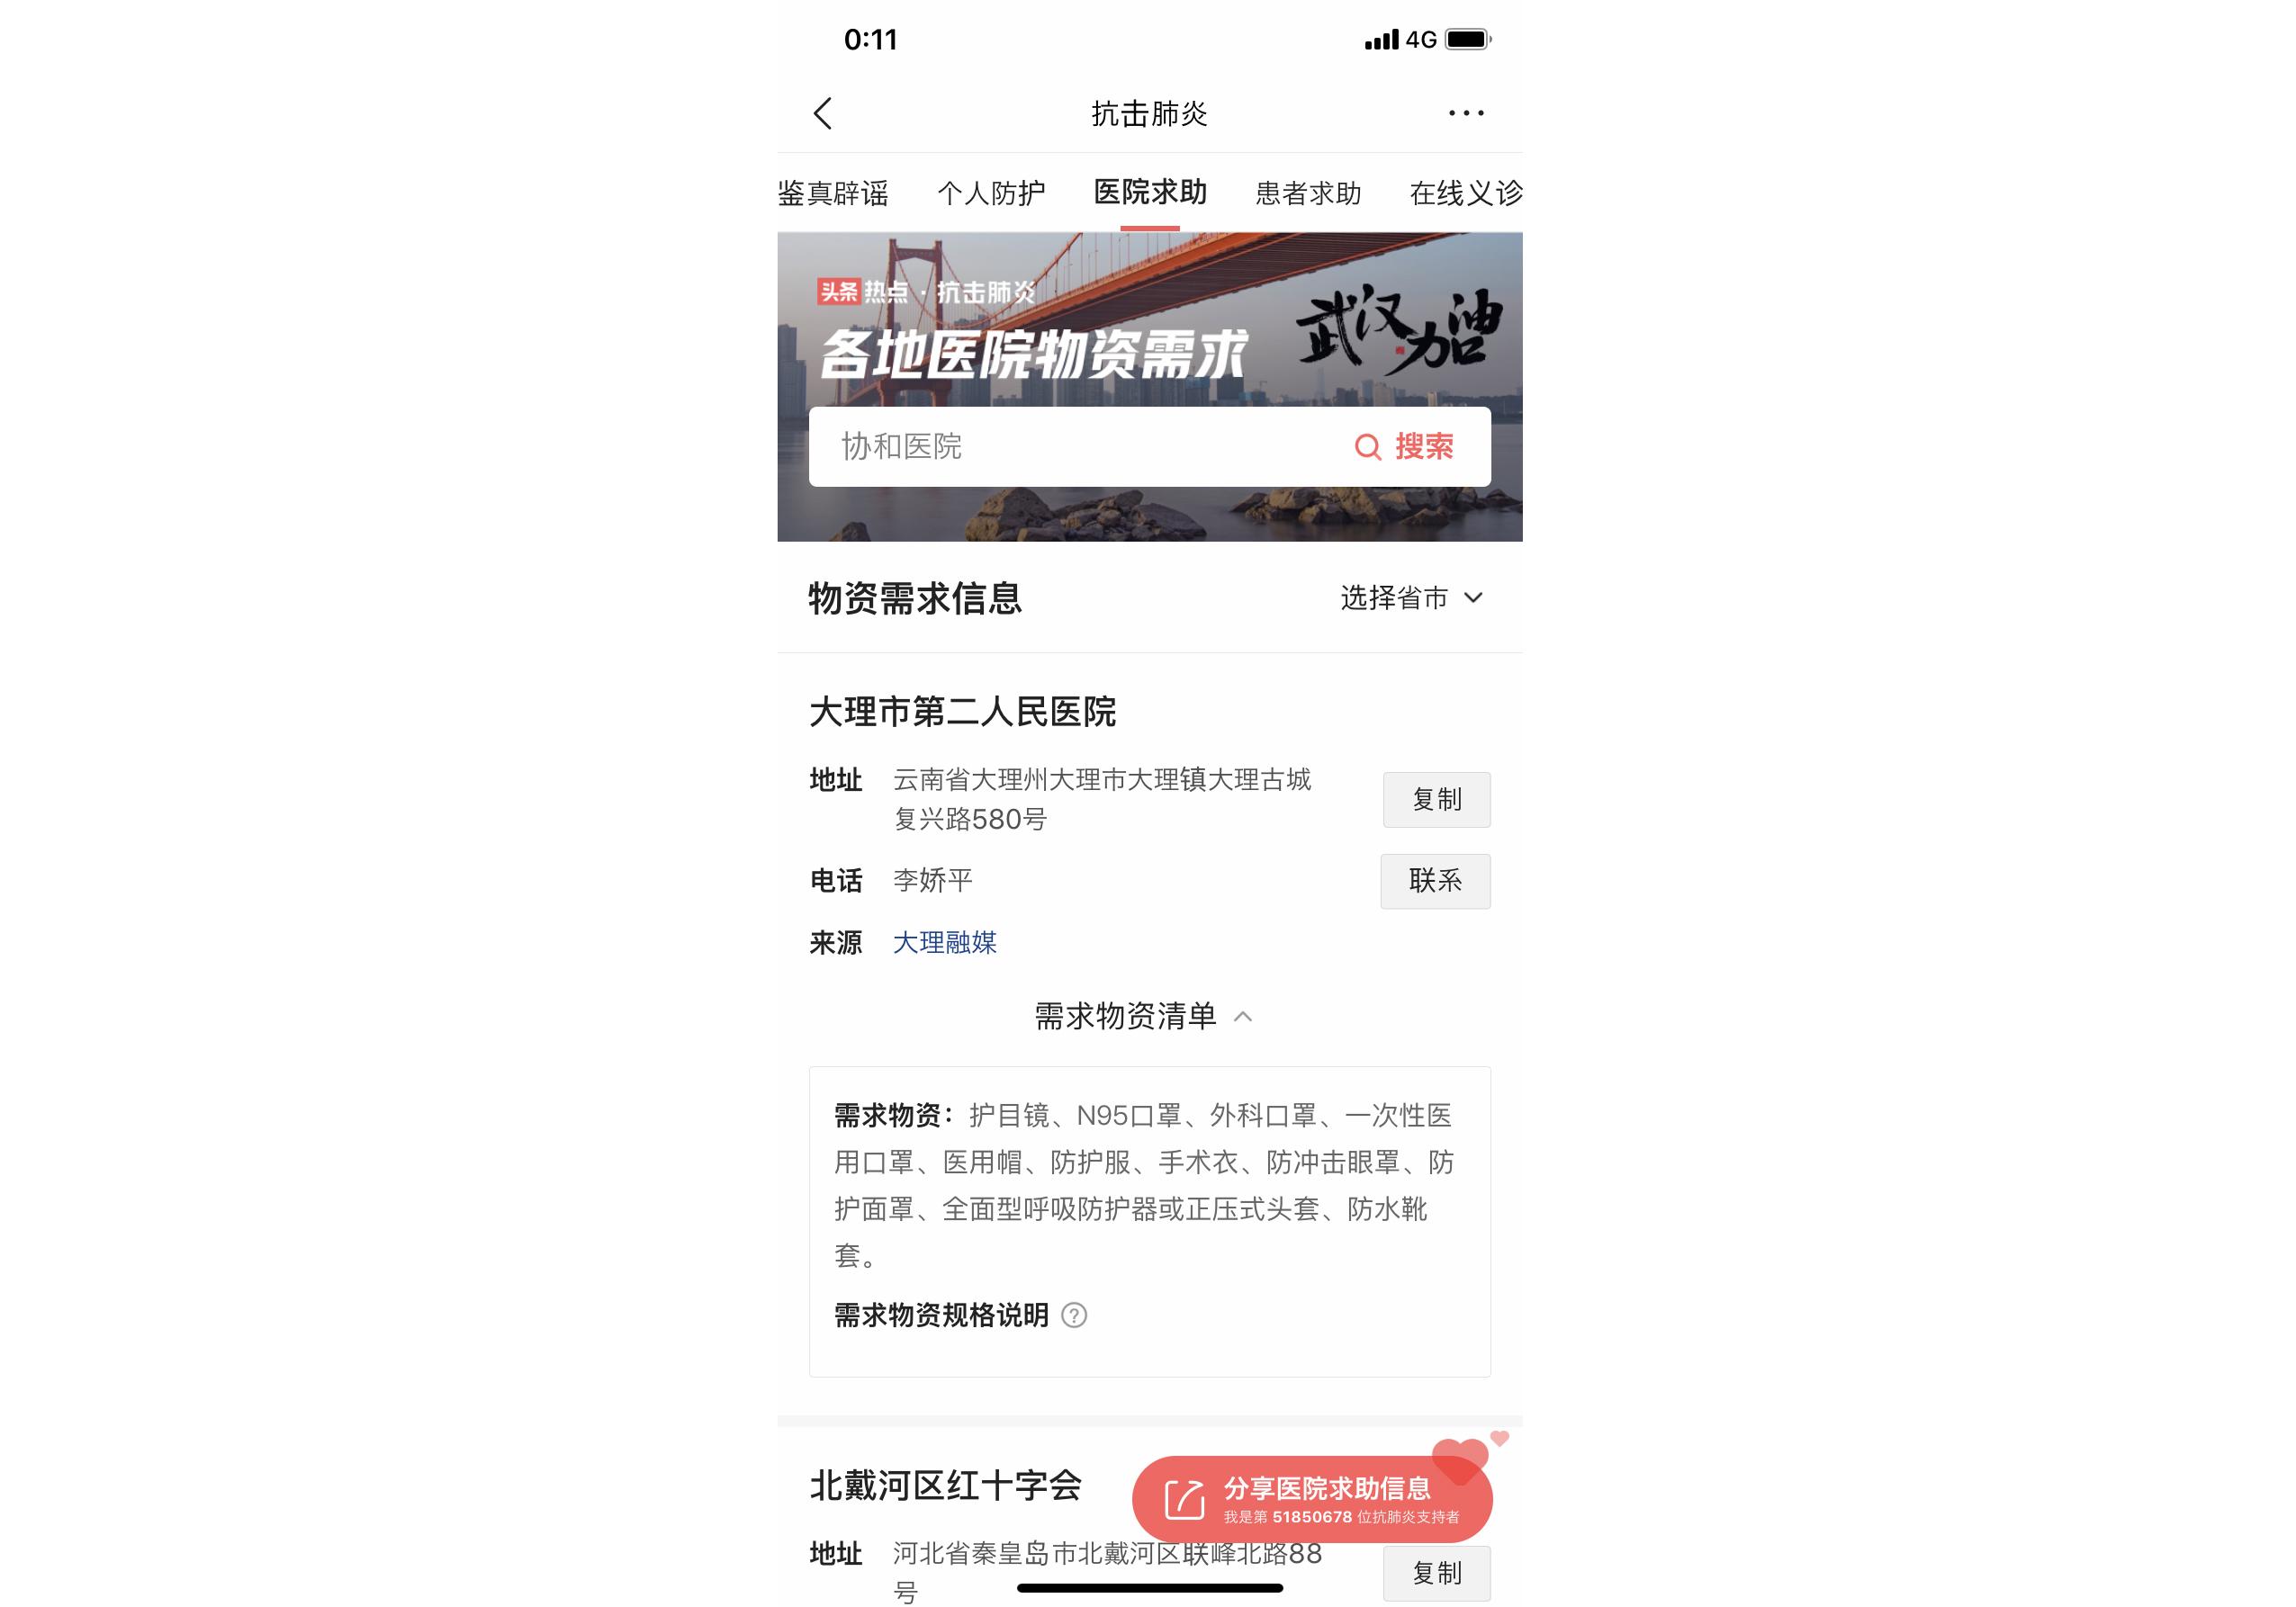 【完了】中国、新型肺炎まとめサイトが驚異的充実…感染者の人権無視、所在地や交通経路まで公開の画像6